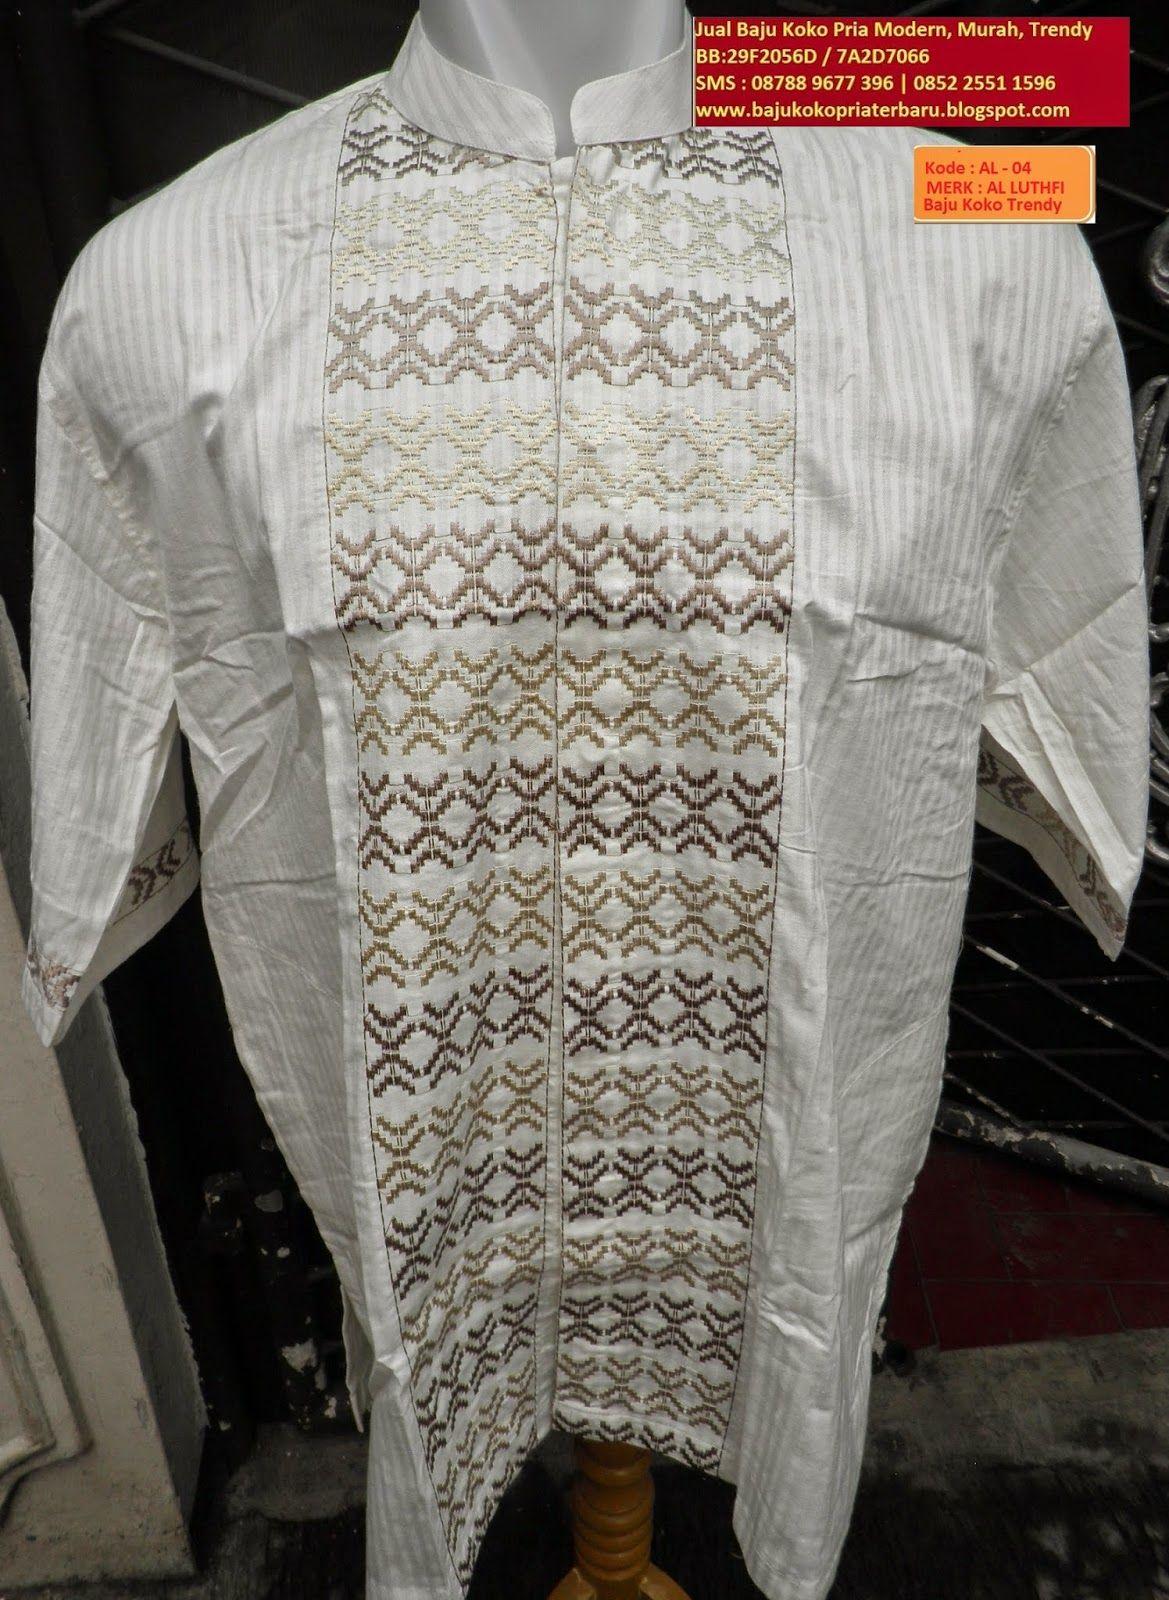 Baju Koko Pria Trendy AL 04 Warna Putih Corak Gold Coklat